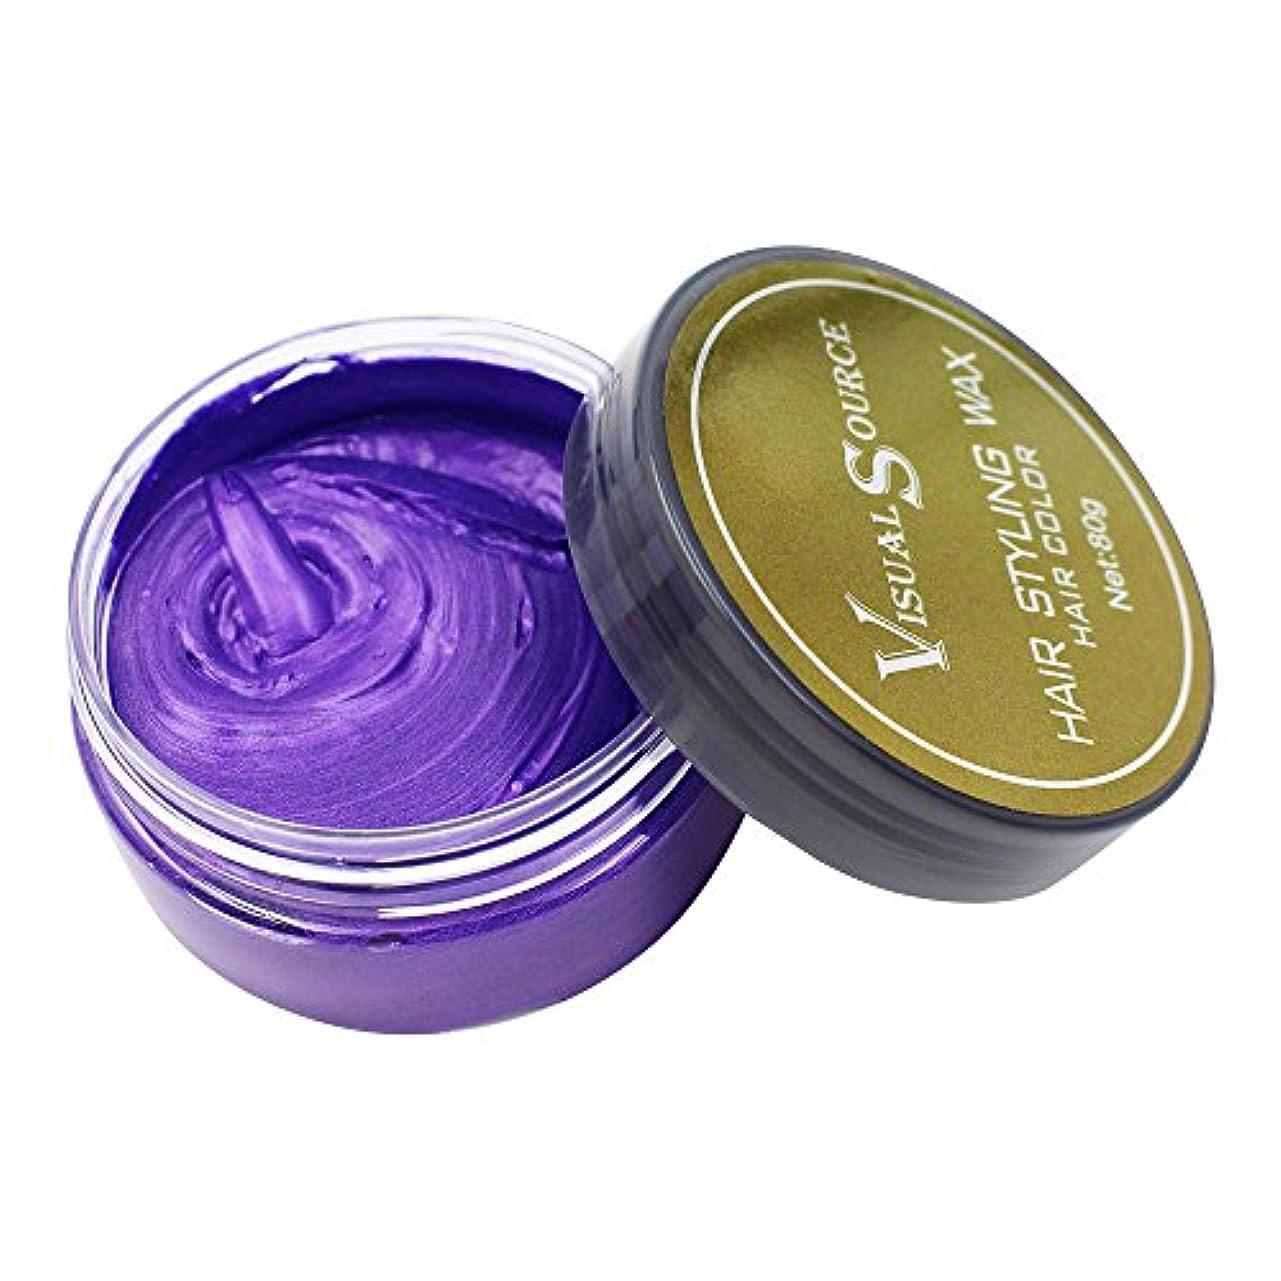 フラスコ不十分包帯VISUAL SOURCE [ビジュアルソース] ヘアワックス ストレート ヘア用 シルバー?アッシュ シャンプーで色付き 整髪料 80g (パープル)